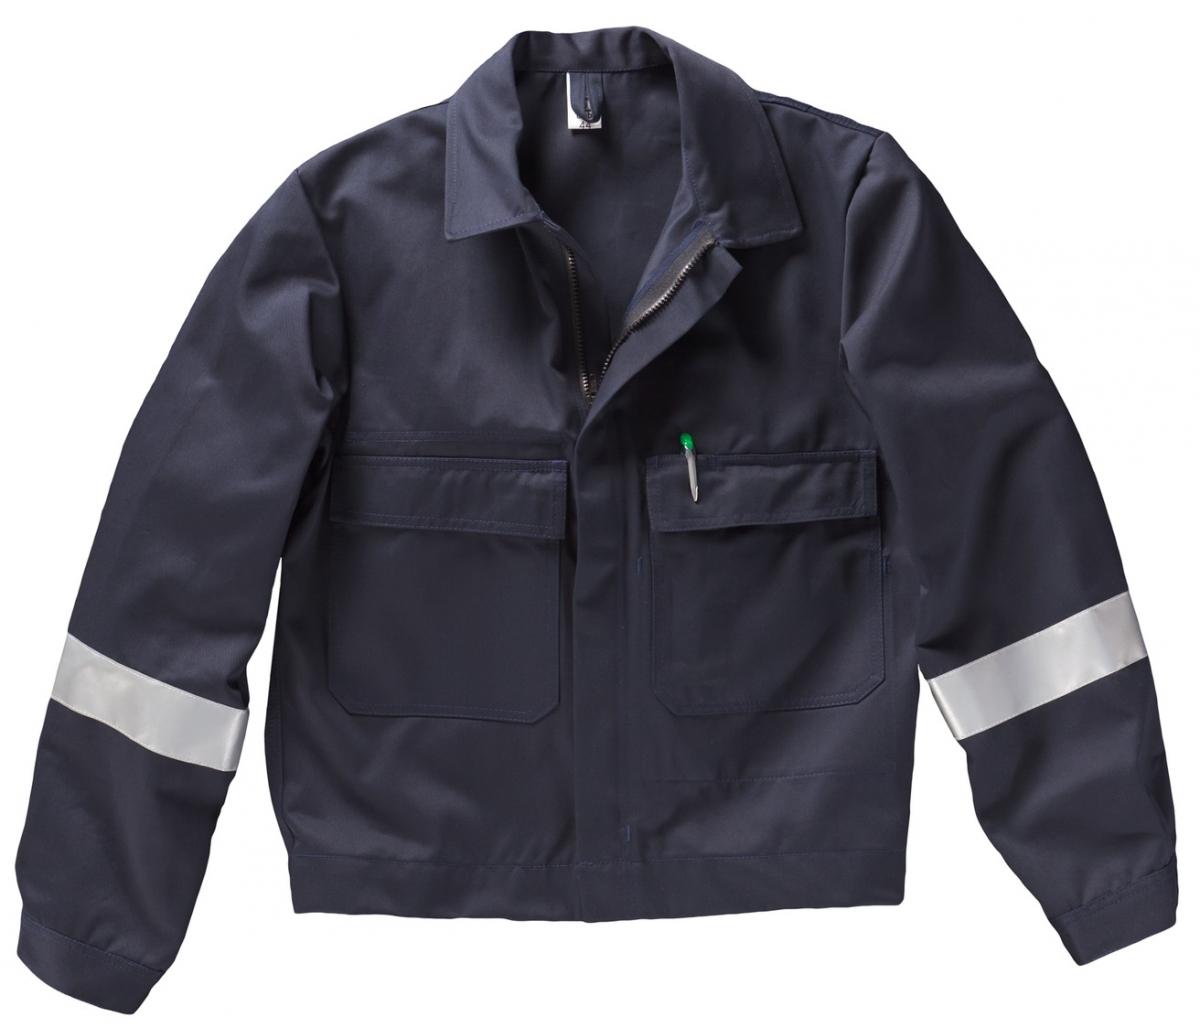 BEB-Arbeits-Berufs-Bund-Jacke, mit Reflexstreifen, Basic, MG 300, marine